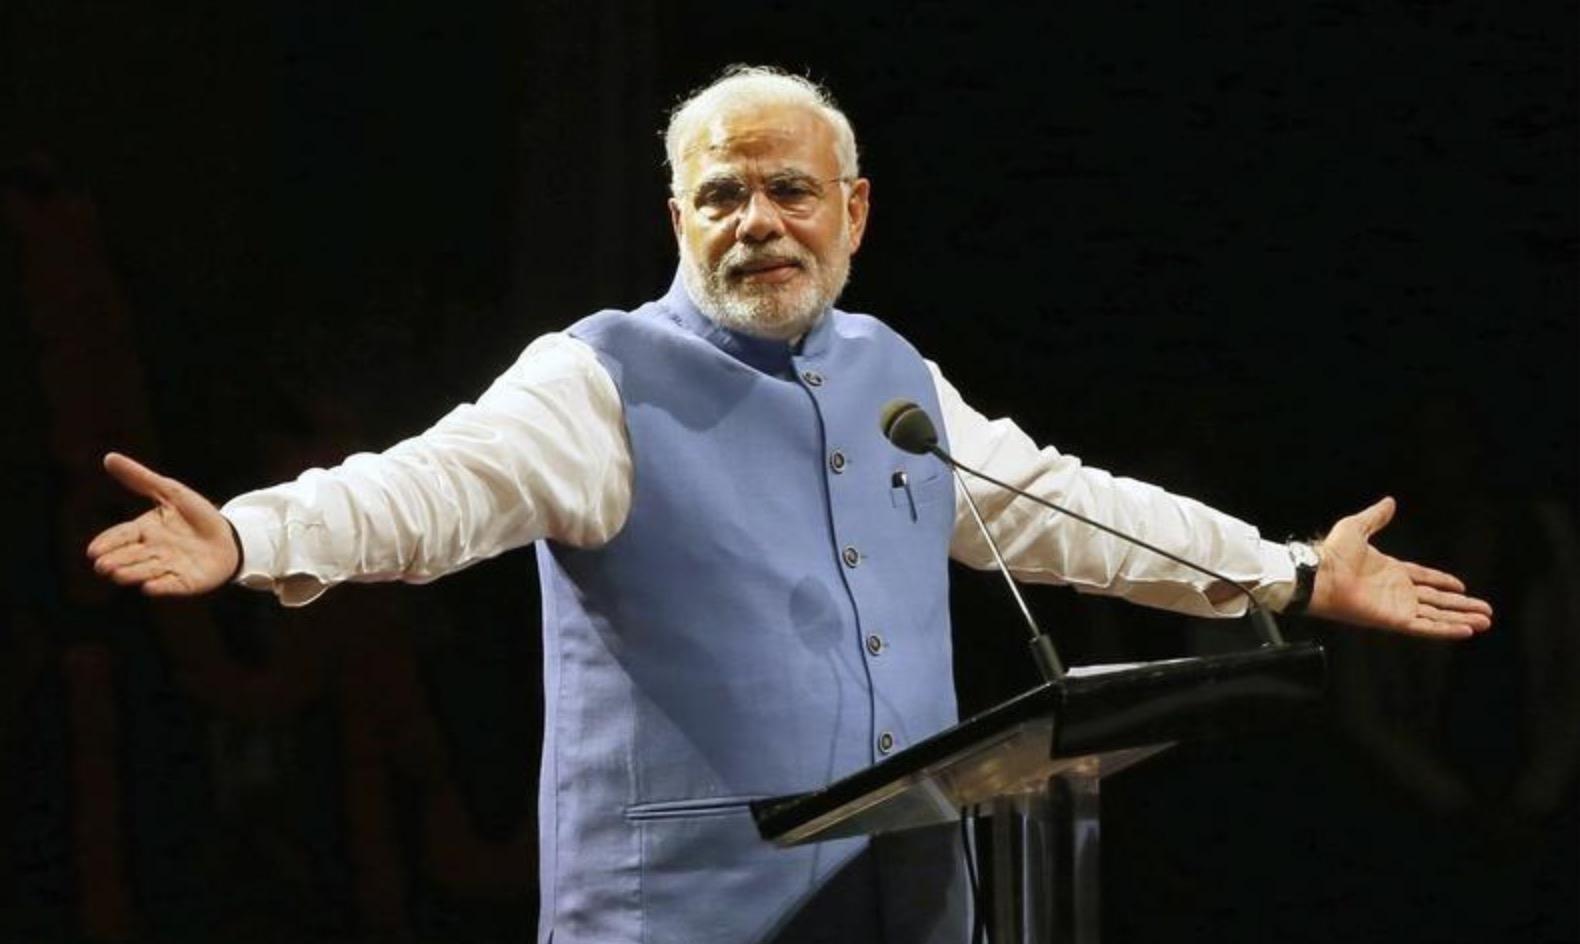 2019年印度GDP约2.85万亿美元,巴基斯坦GDP或不到2850亿